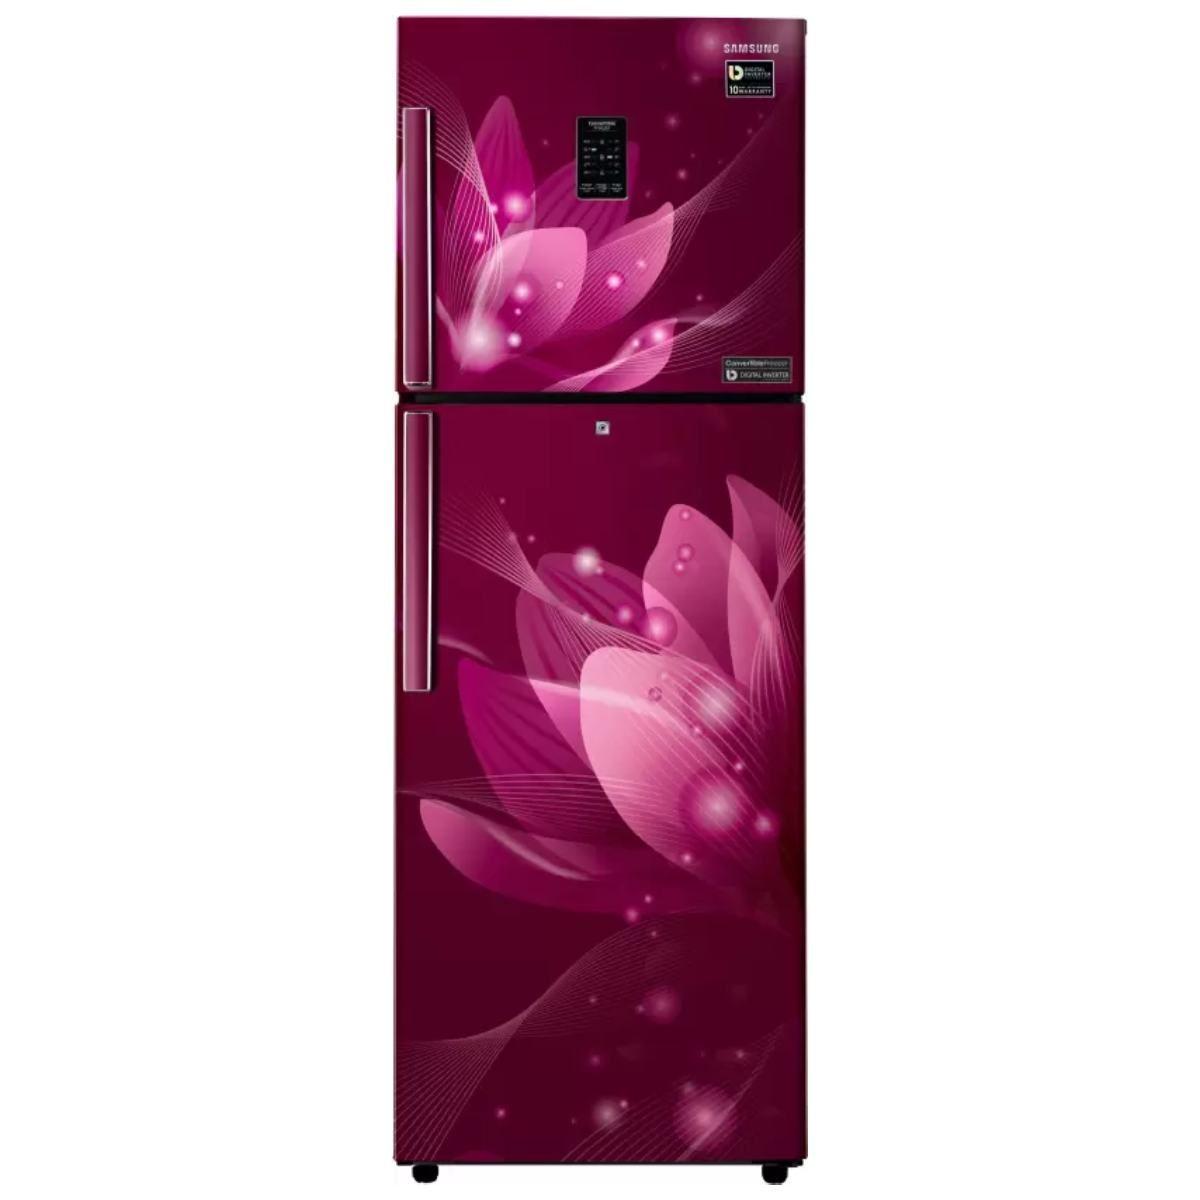 சேம்சங் 253 L Frost Free Double Door 2 Star Refrigerator(RT28T3922R8/HL)